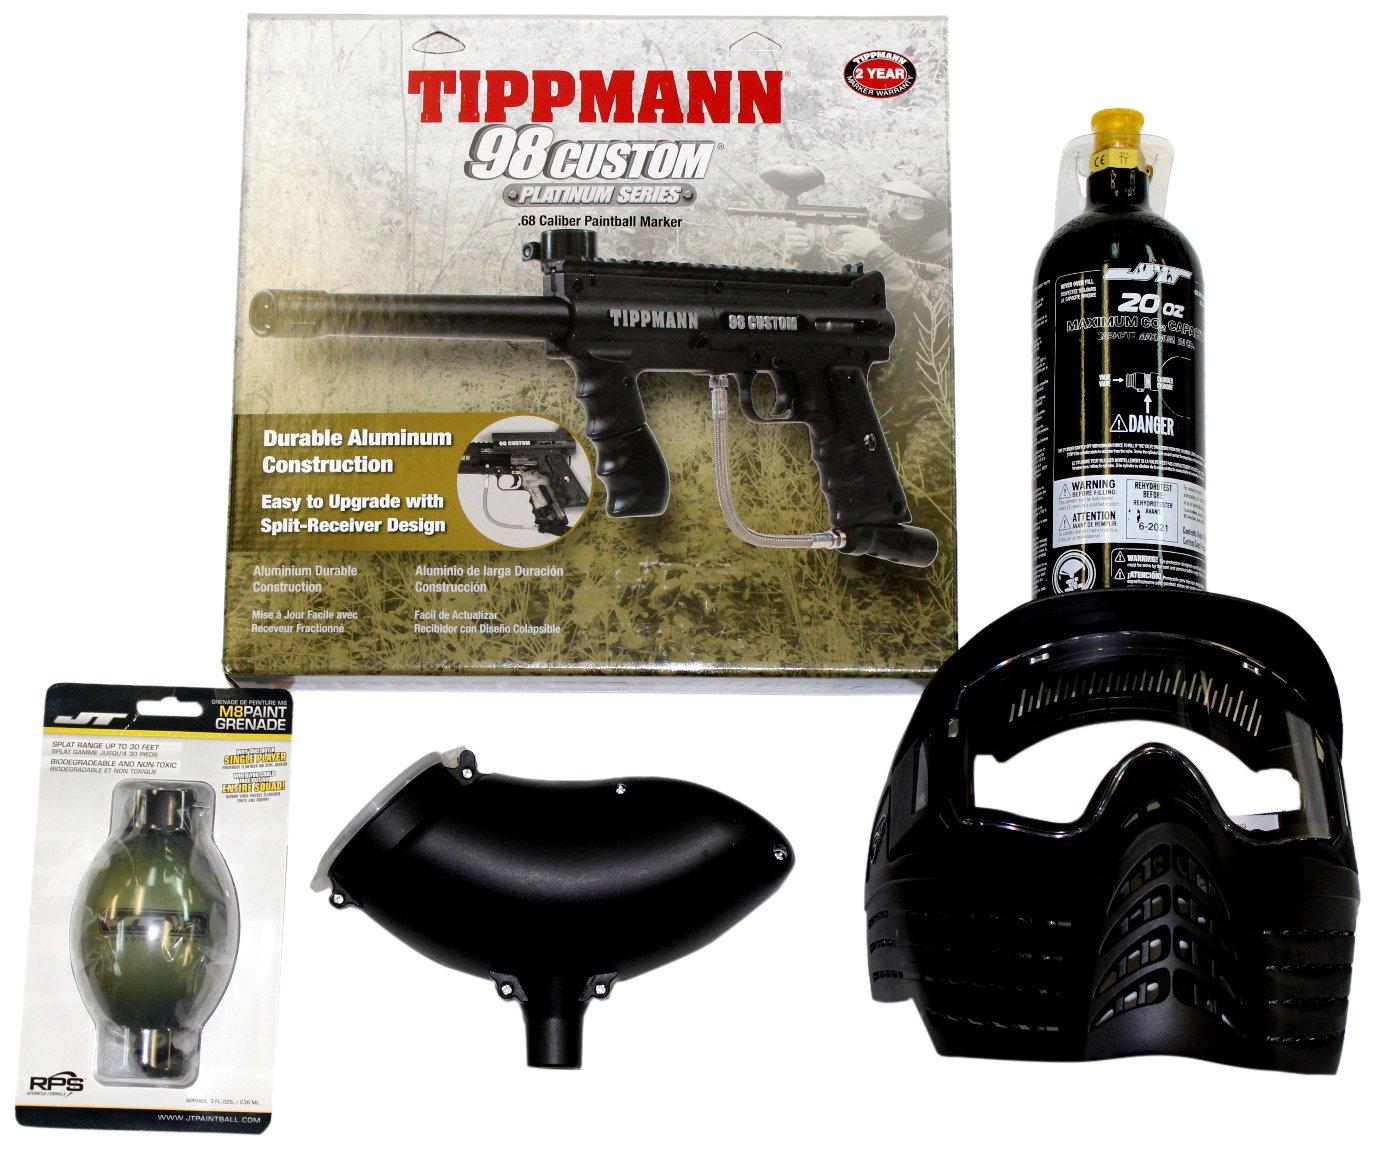 Tippmann 81960 98 Package Sports Outdoors Flatline Barrel Manual